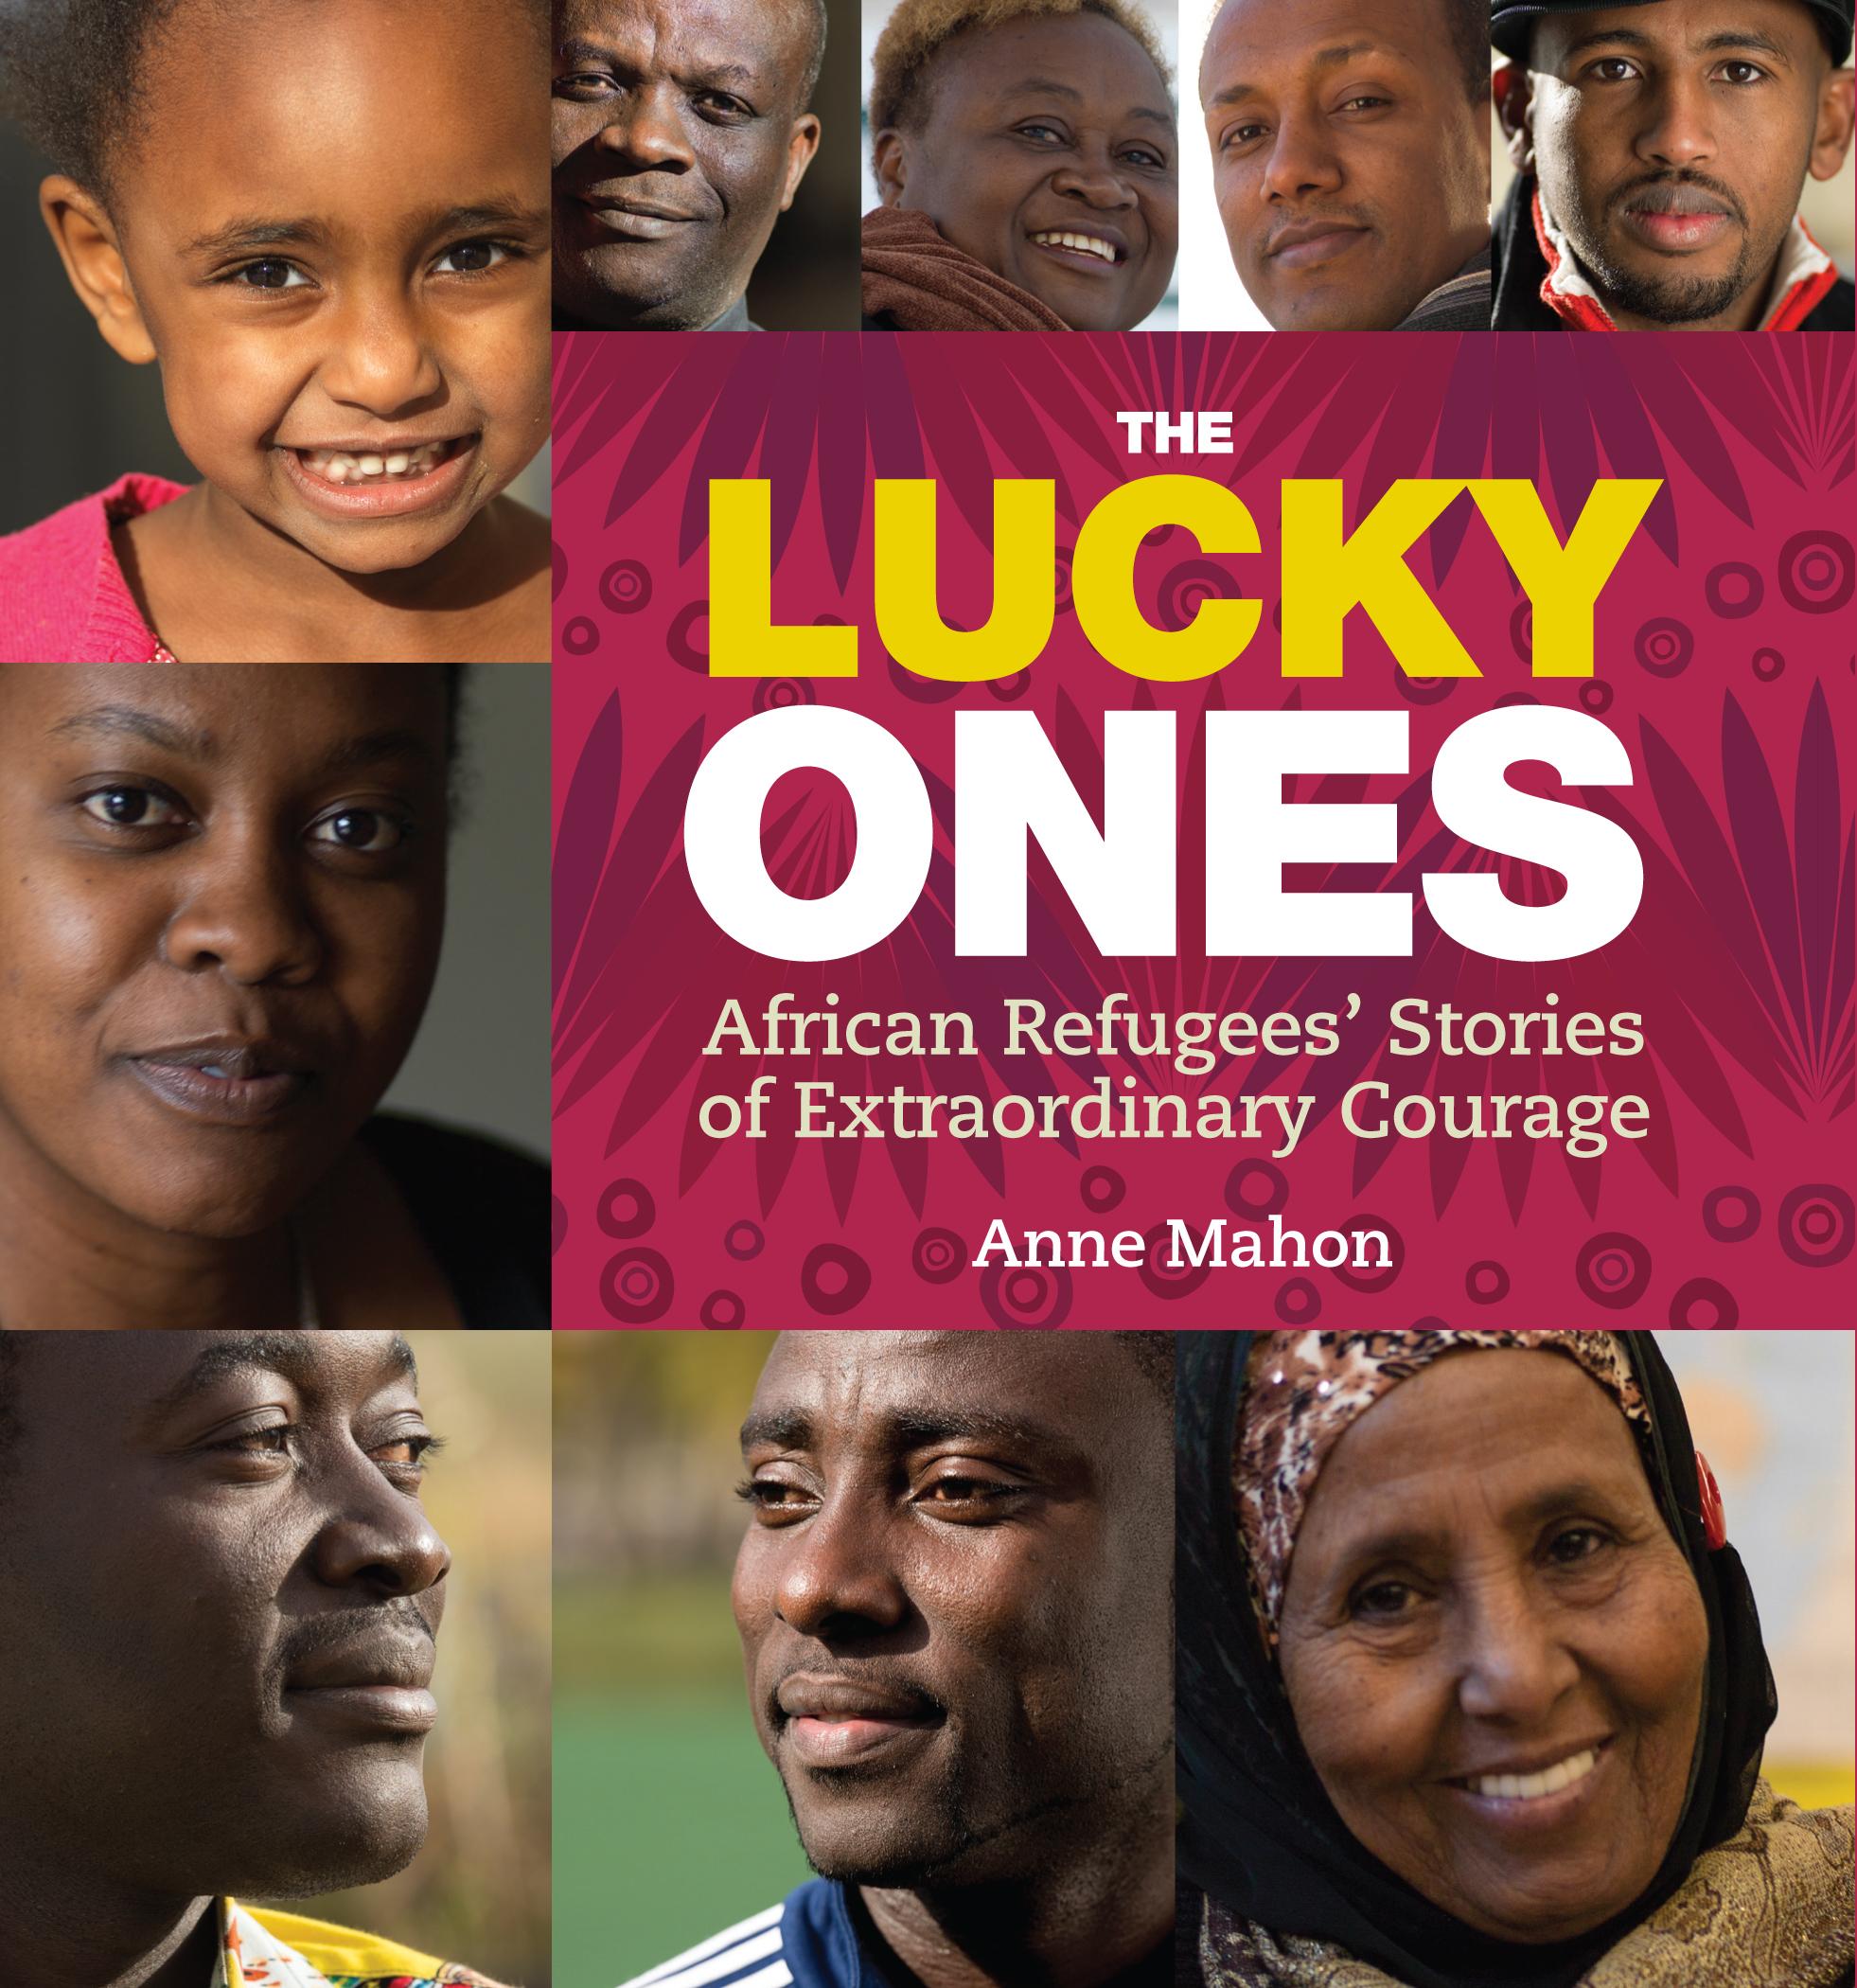 LuckyOnes_cover_final.jpg